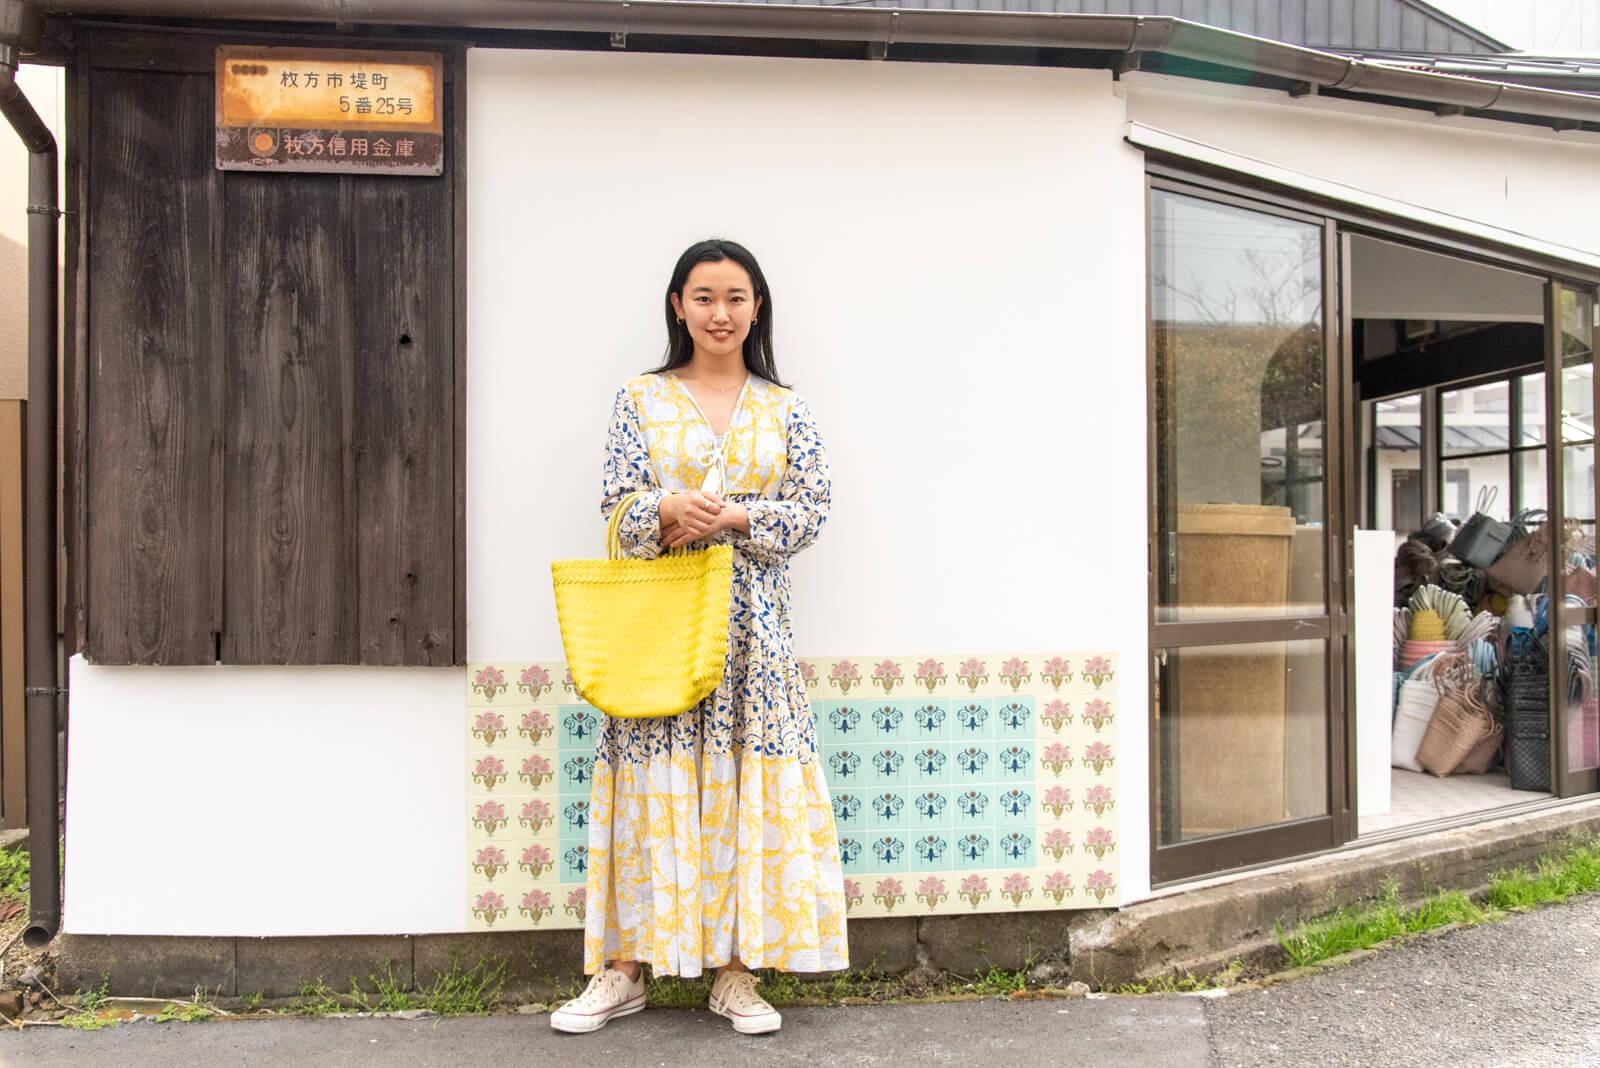 4/9枚方公園にOPEN!4/7は枚方市民&ご近所向けプレオープン